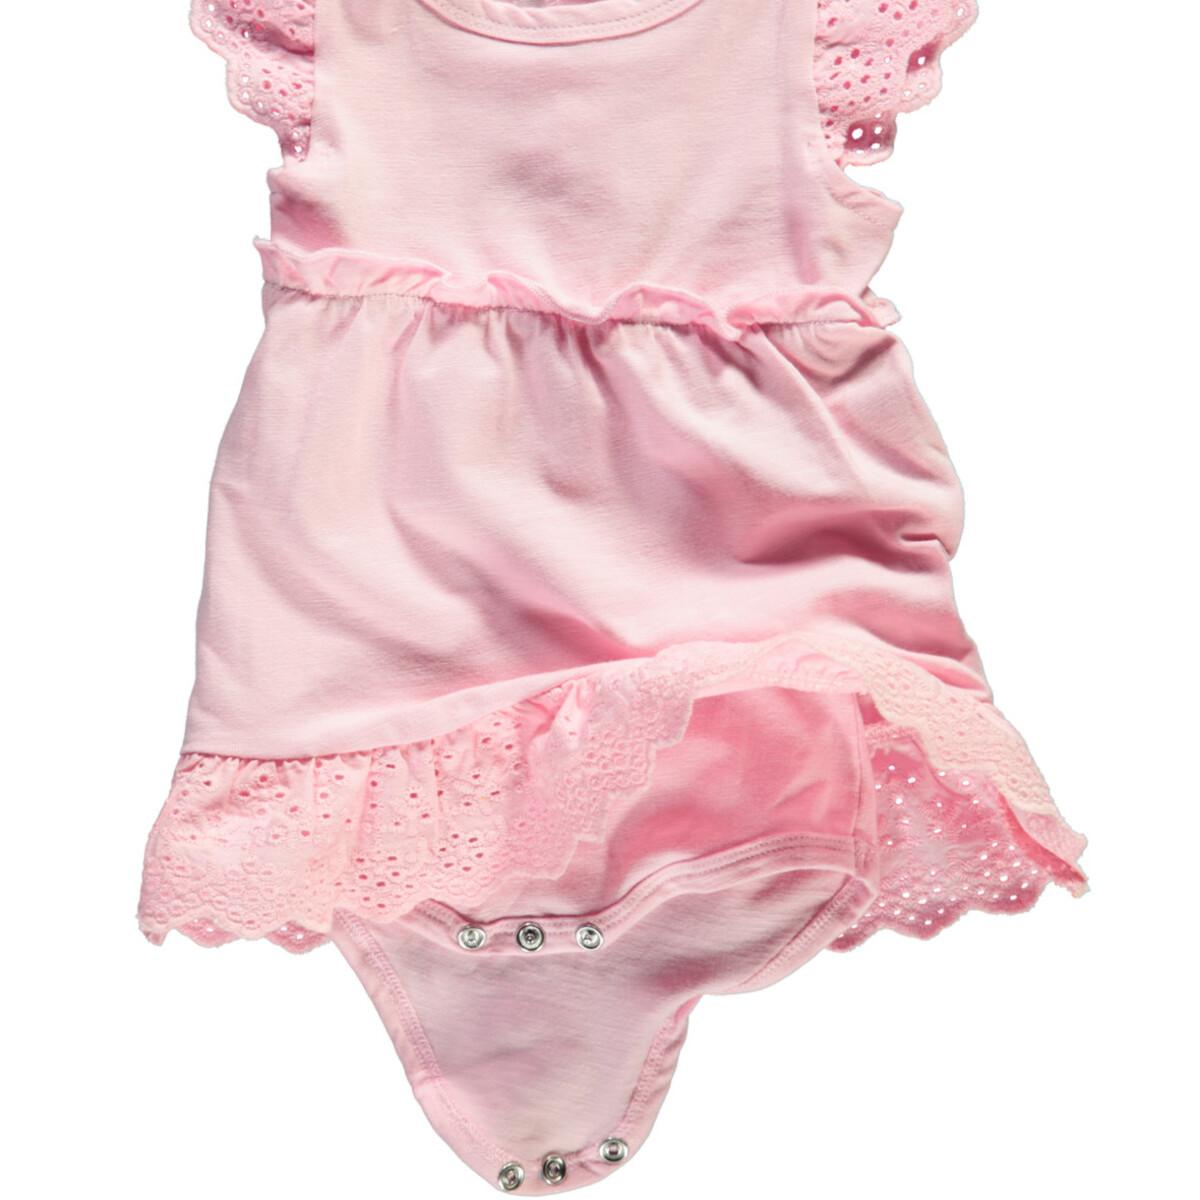 Bild 3 von Baby Body-Kleid mit Spitzenapplikationen